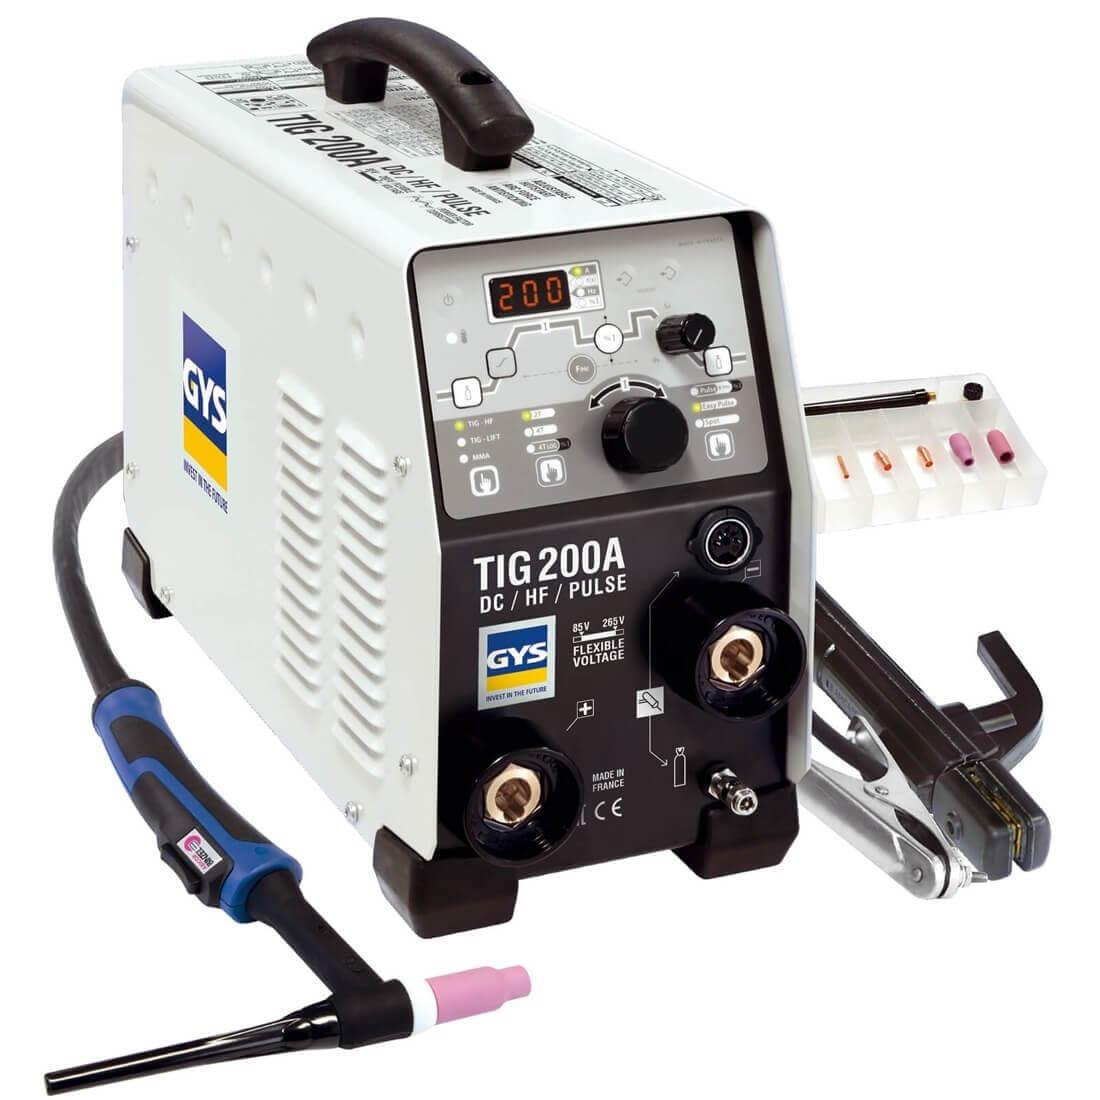 4c8a26a4b131e Poste de soudure TIG 200 HF DC avec accessoires - GYS - NEW MODELE